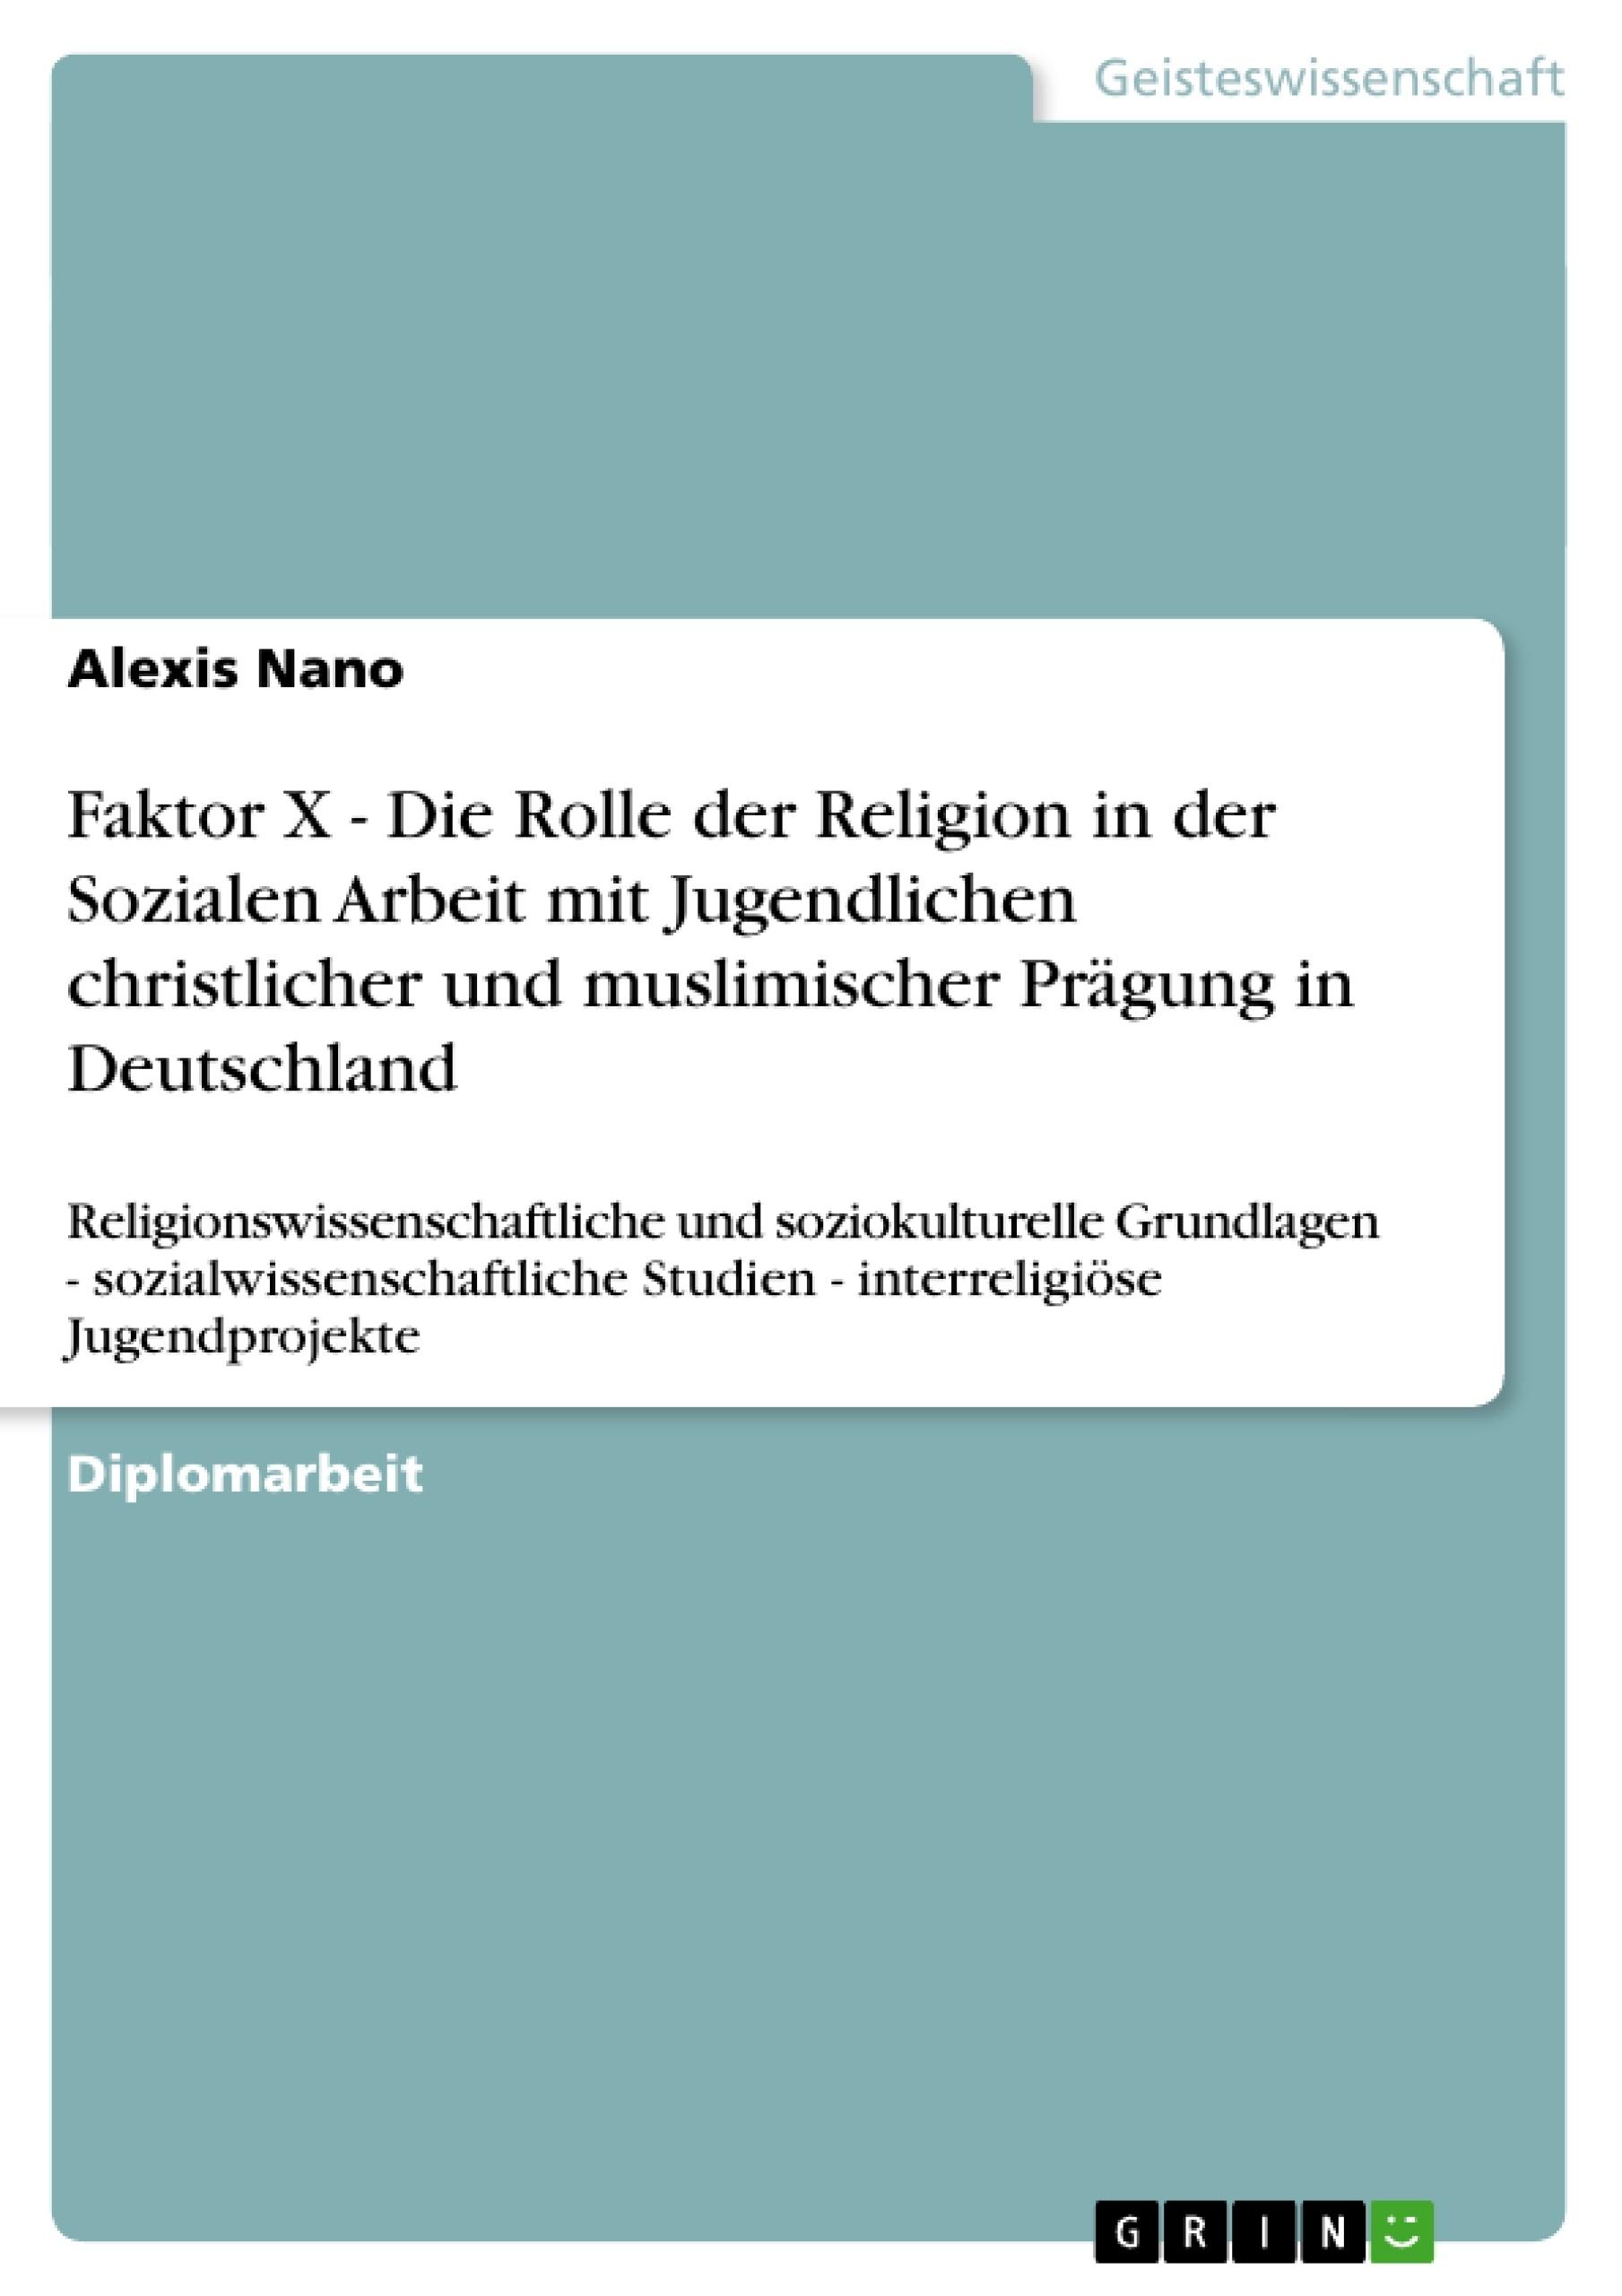 Titel: Faktor X - Die Rolle der Religion in der Sozialen Arbeit mit Jugendlichen christlicher und muslimischer Prägung in Deutschland